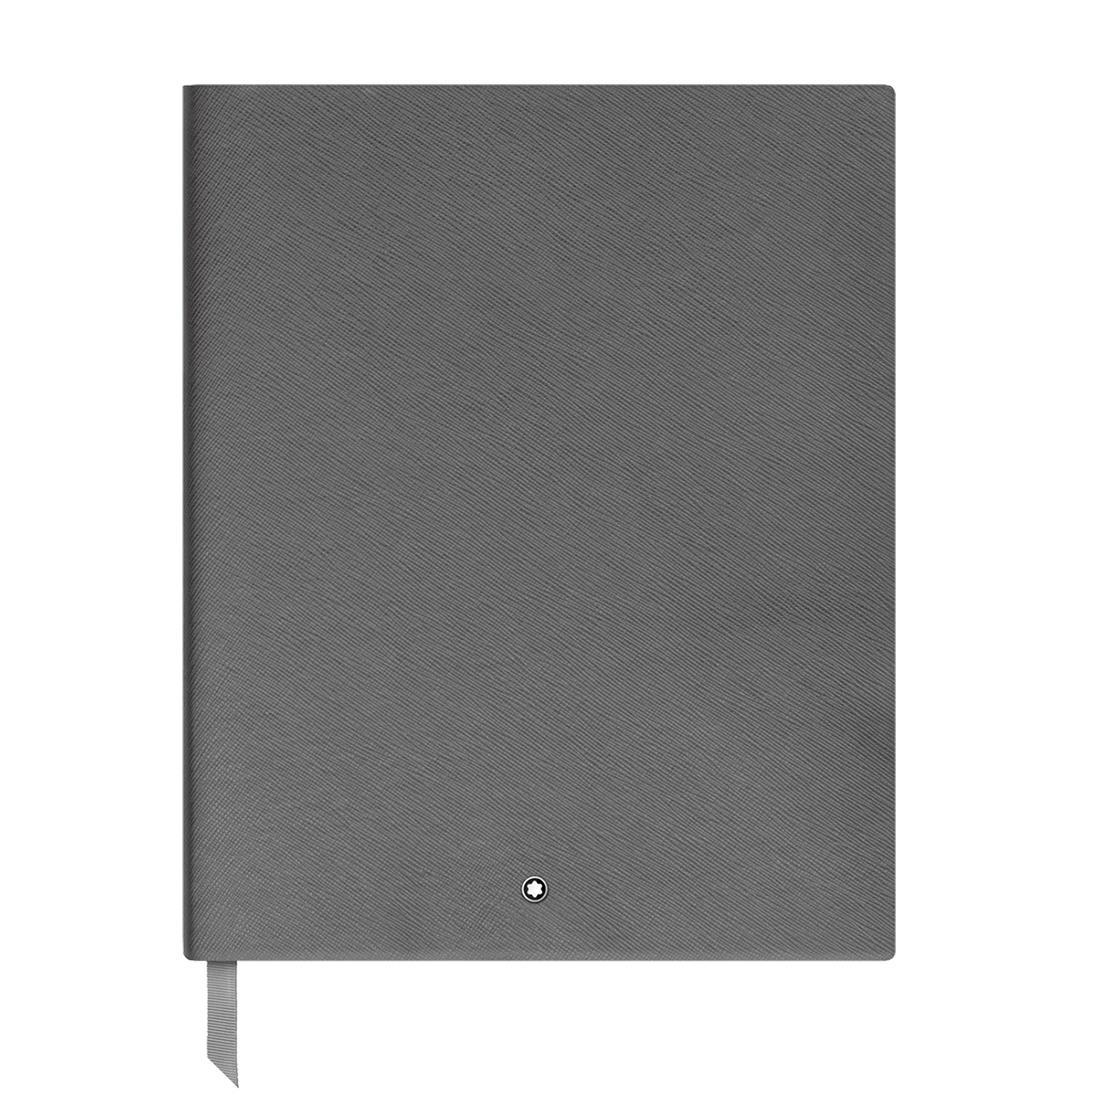 Agenda sketch book 210 x 260 mm - MONTBLANC